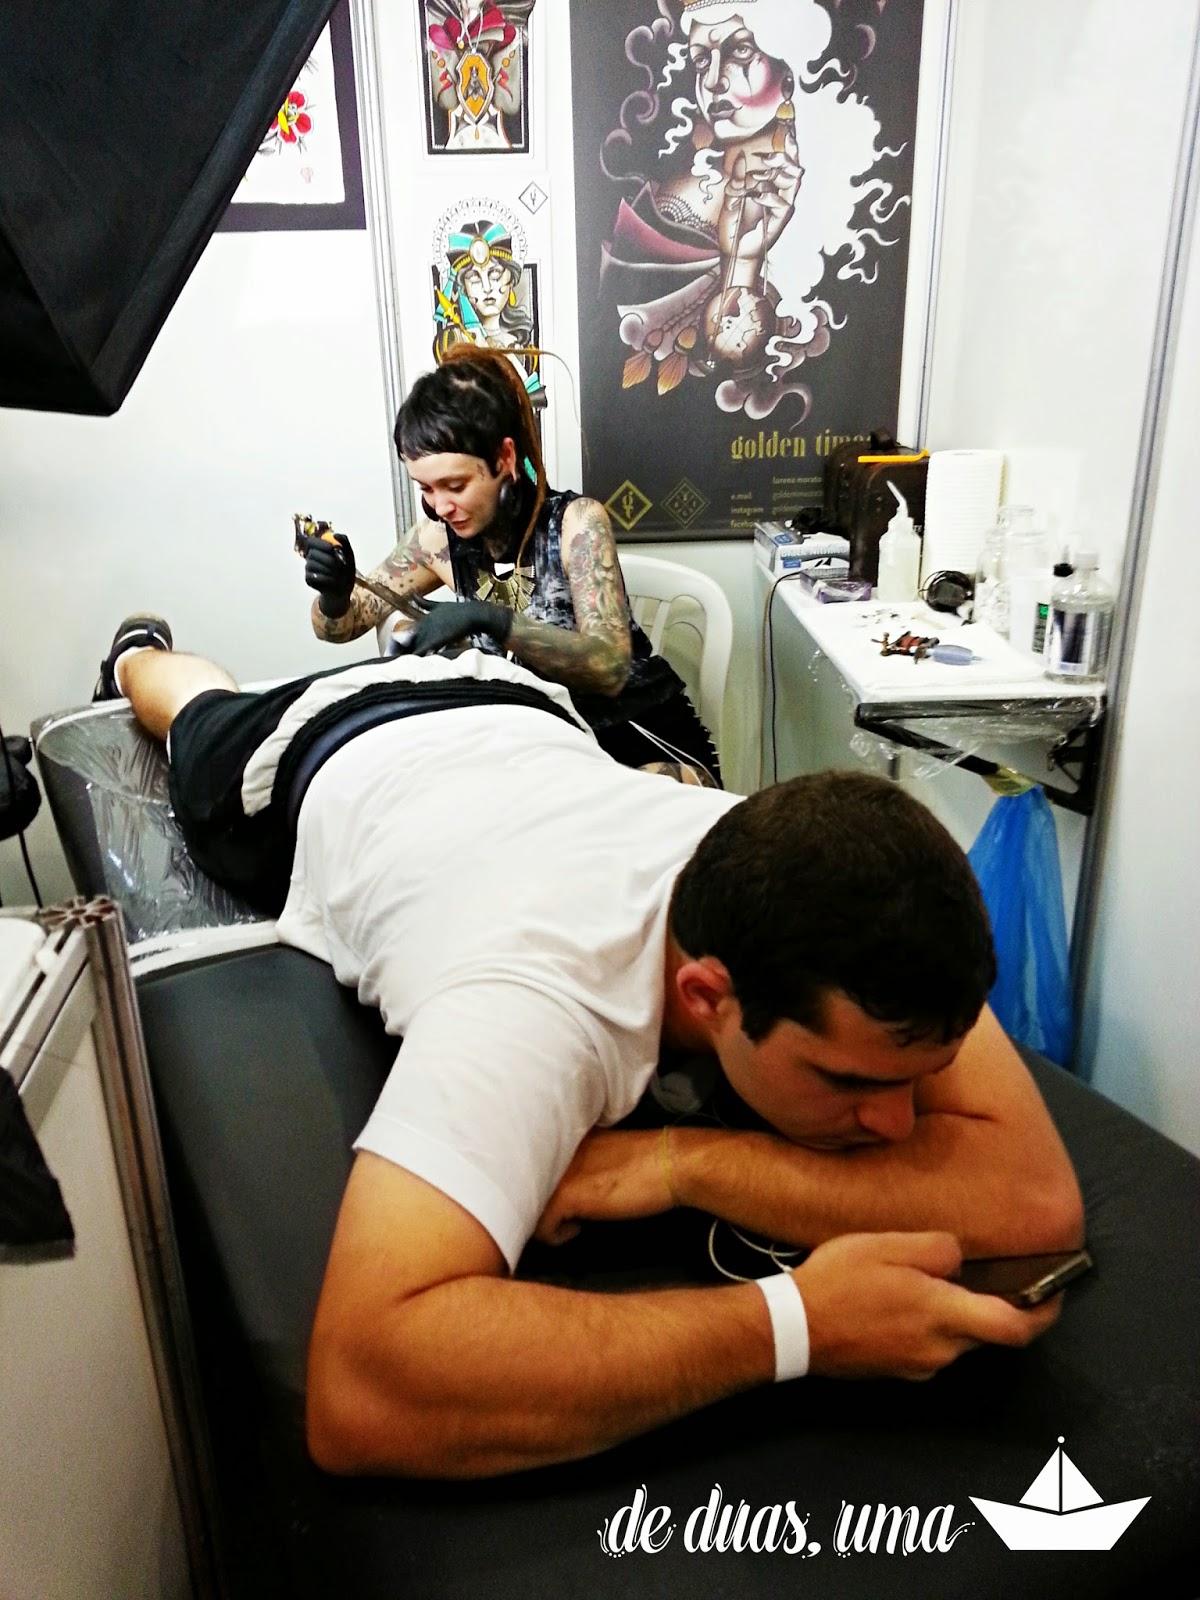 estúdio golden times tattoo bh deduasuma